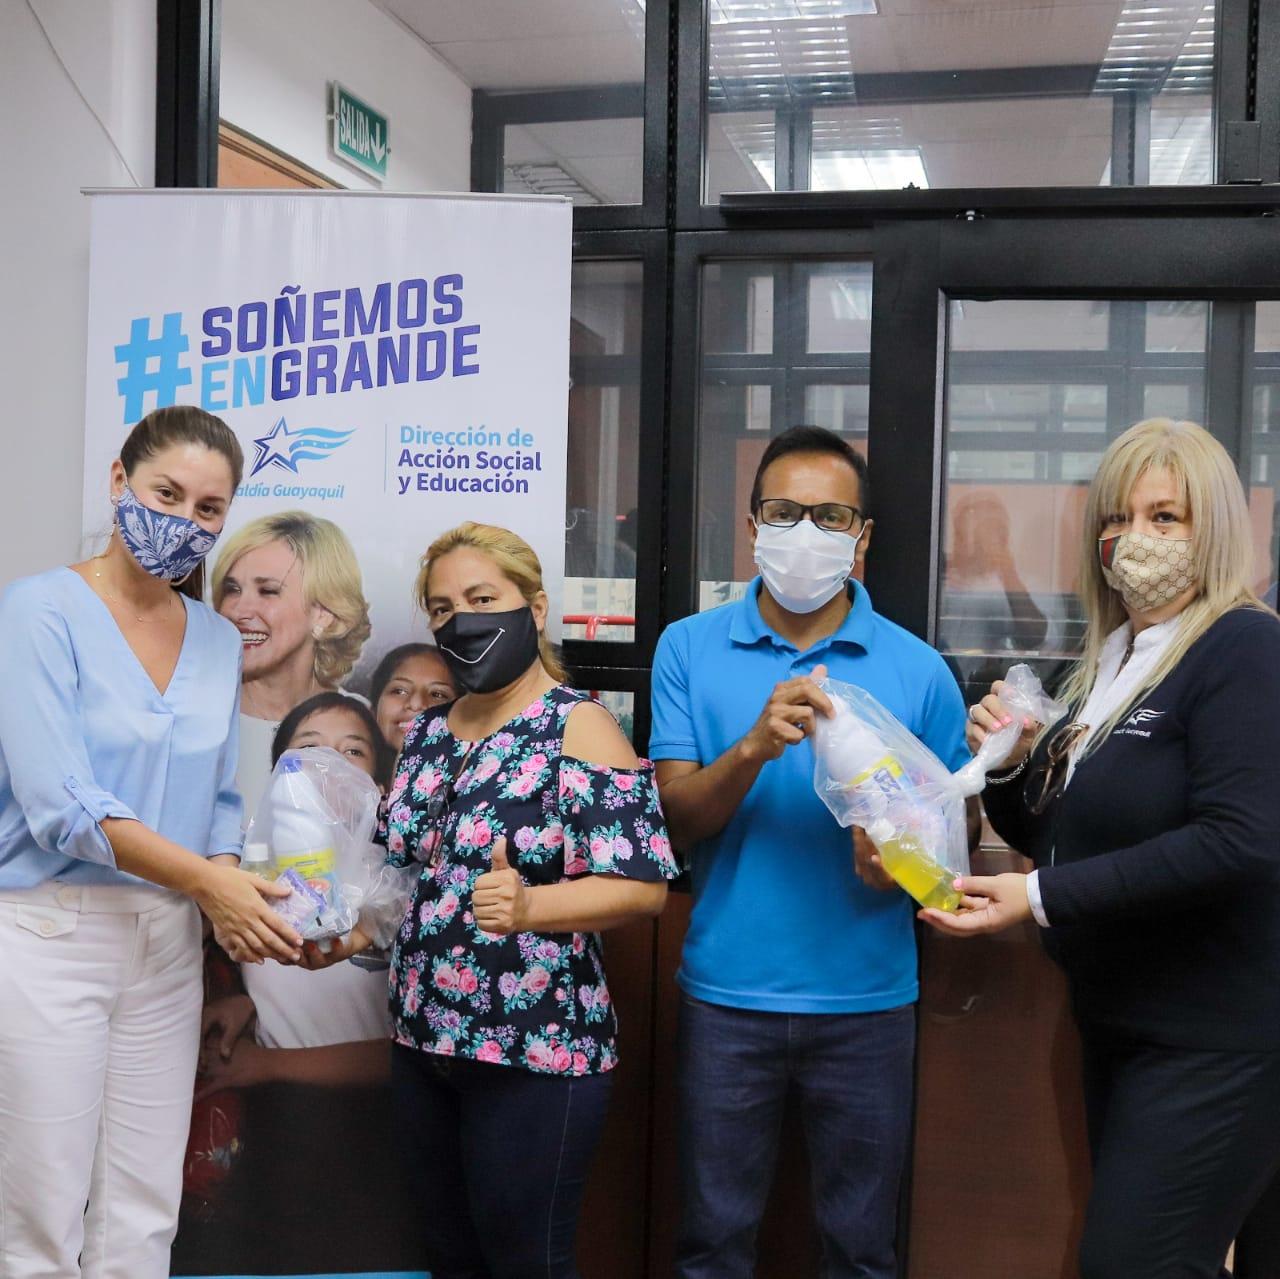 Municipio de Guayaquil entregó 600 kits de desinfección a representantes de barrios y otras organizaciones populares